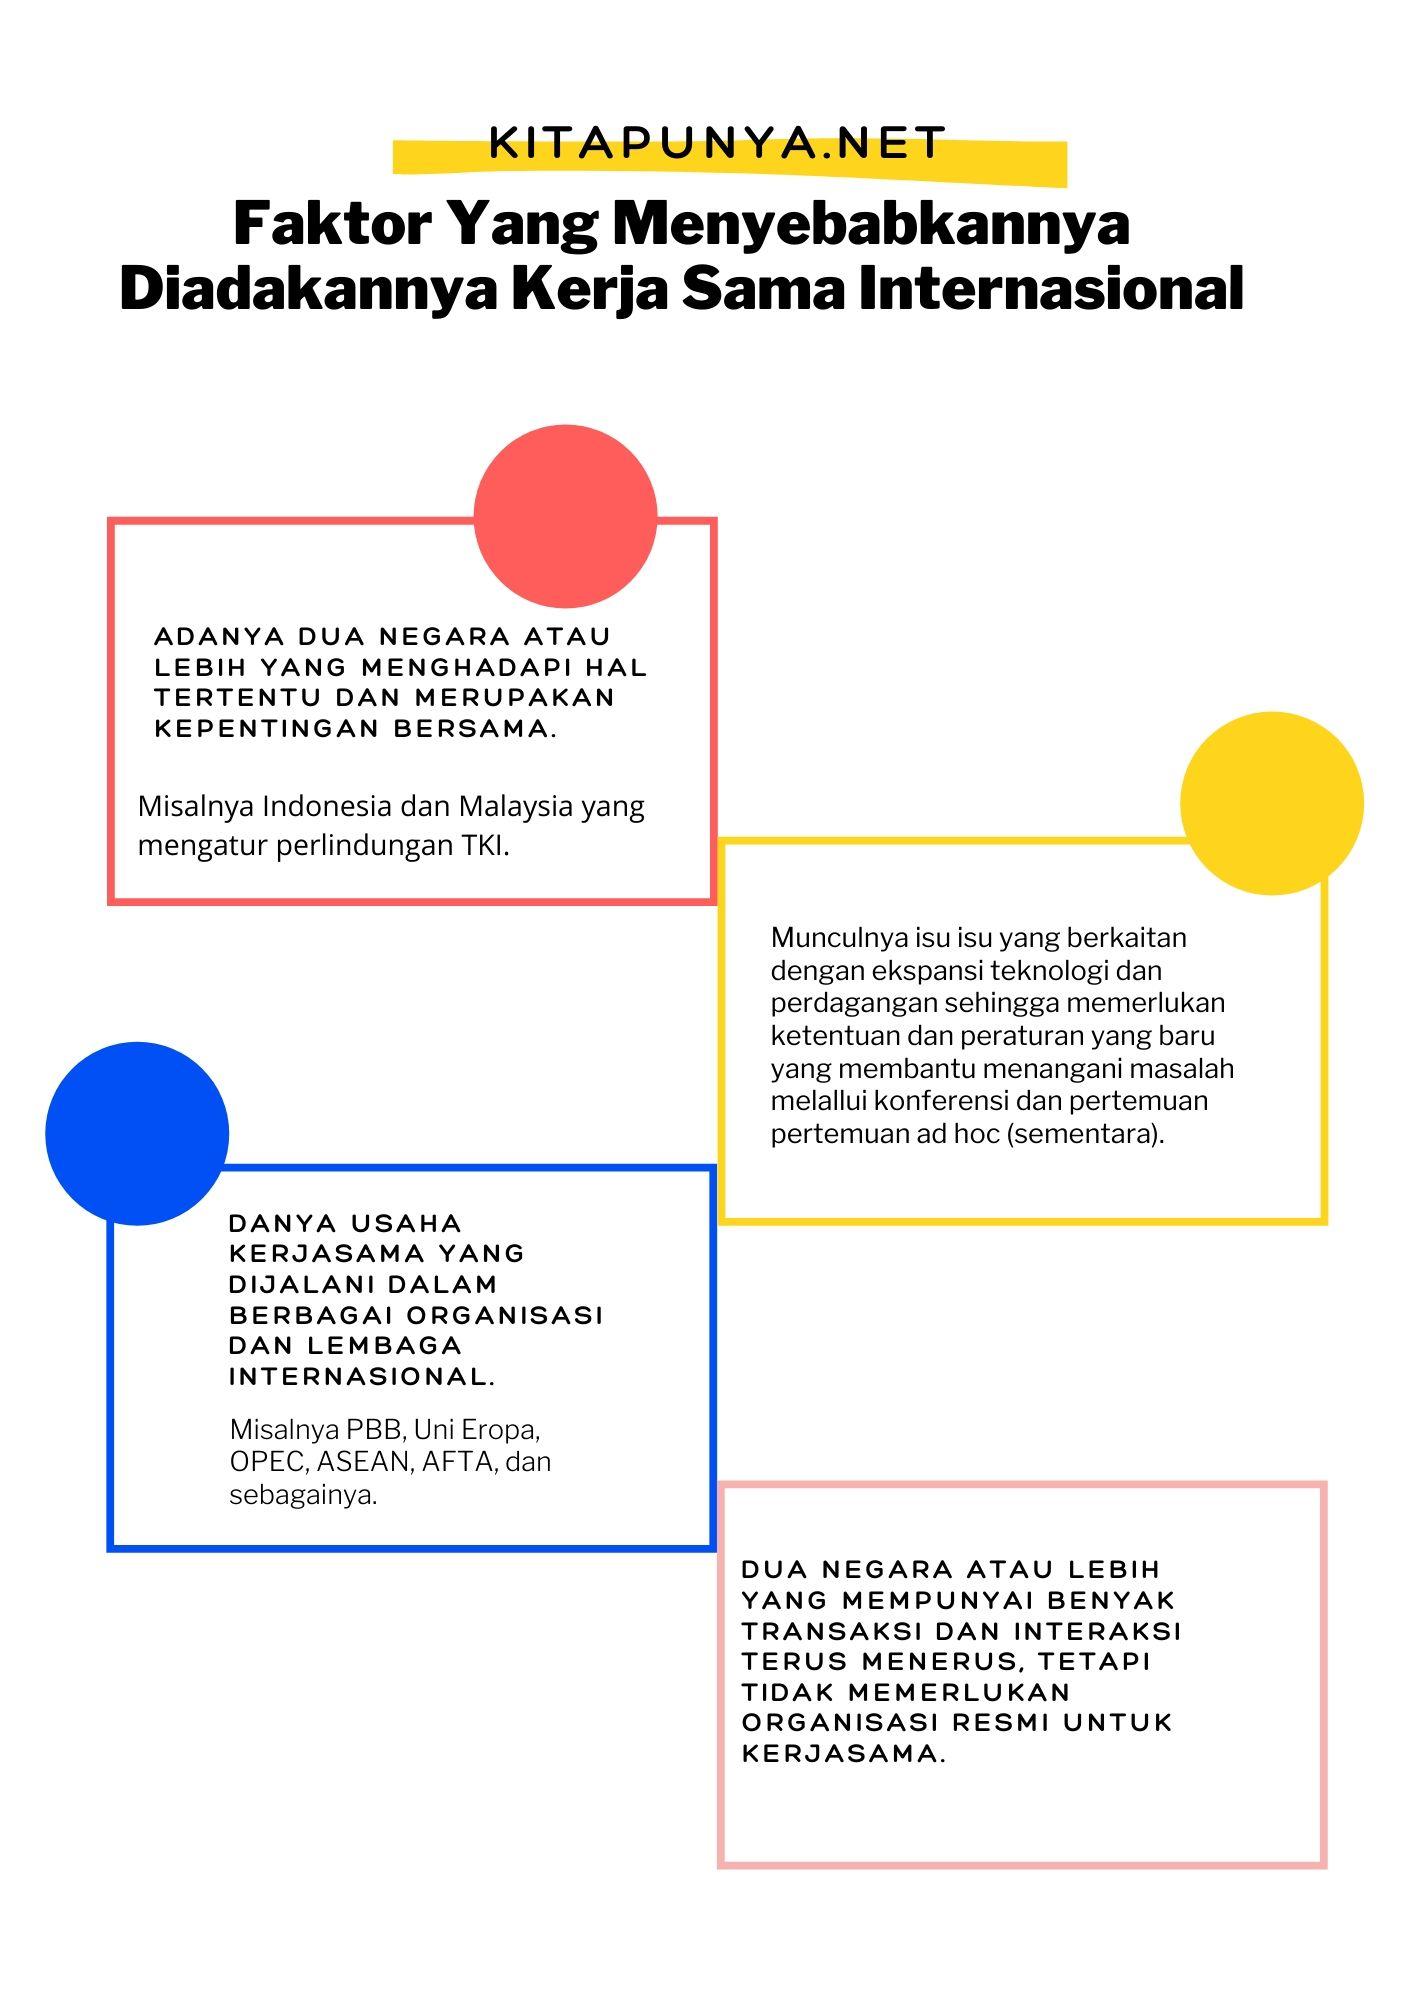 faktor yang menyebabkan diadakannya hubungan internasional